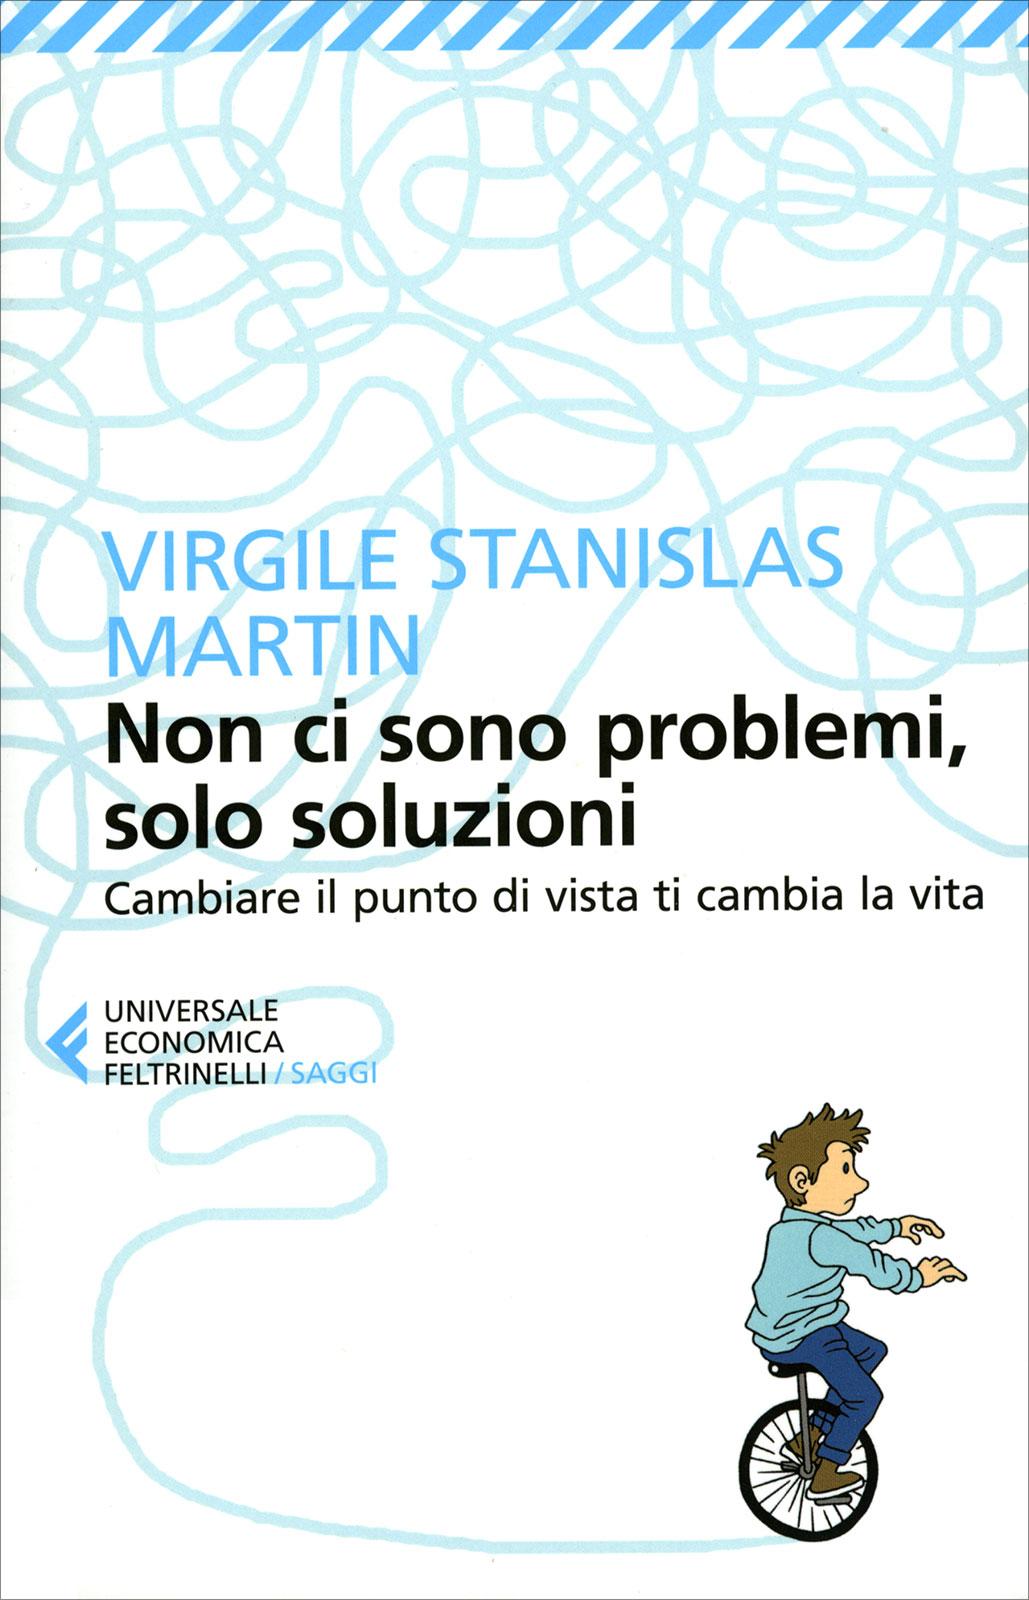 Soluzioni Giardino Delle Parole non ci sono problemi, solo soluzioni - virgile s. martin